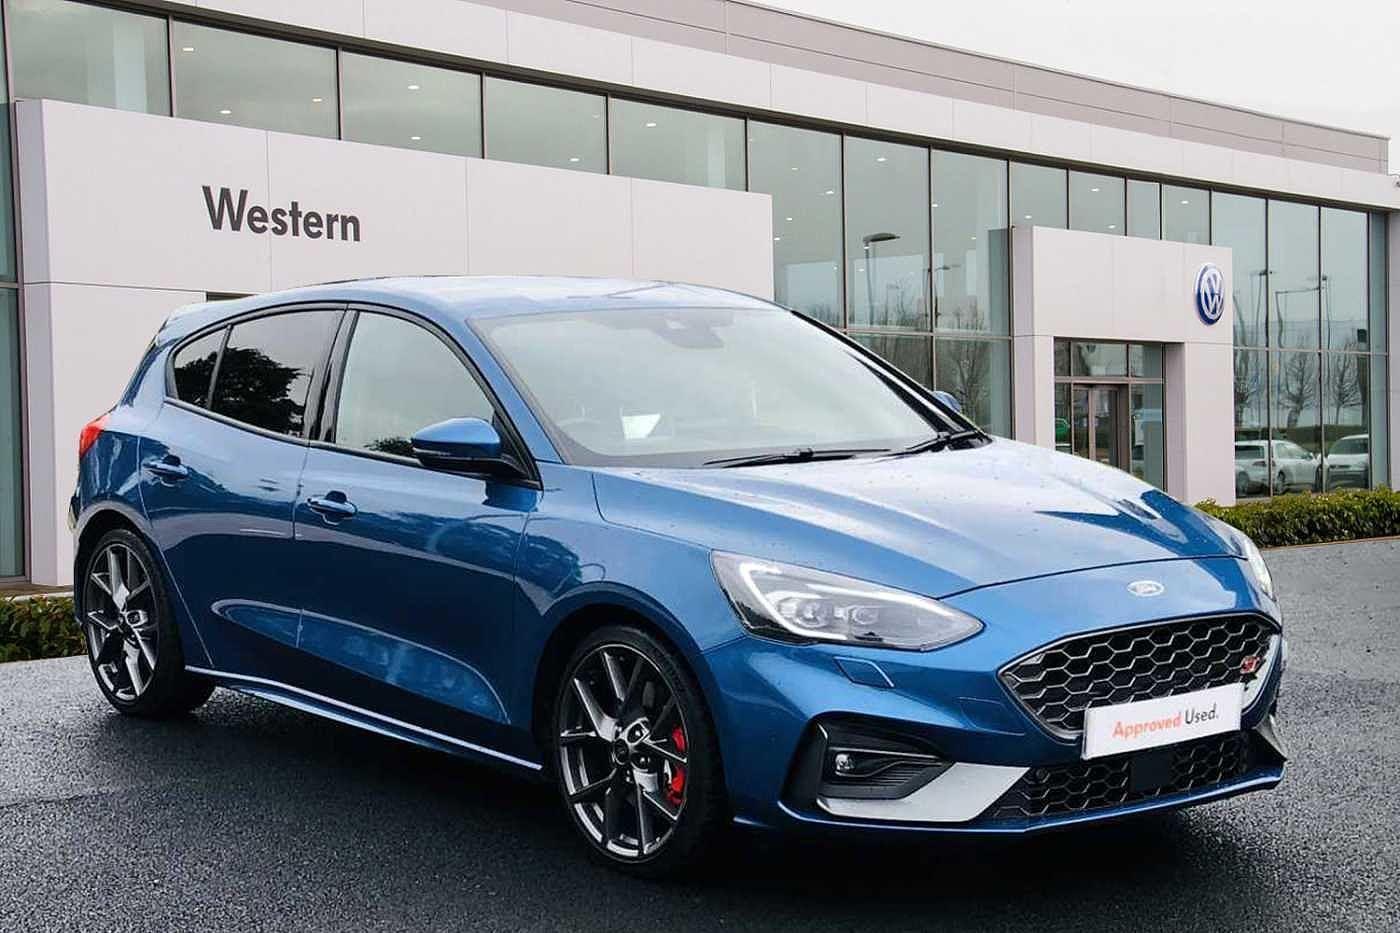 Ford Focus Hatchback for sale